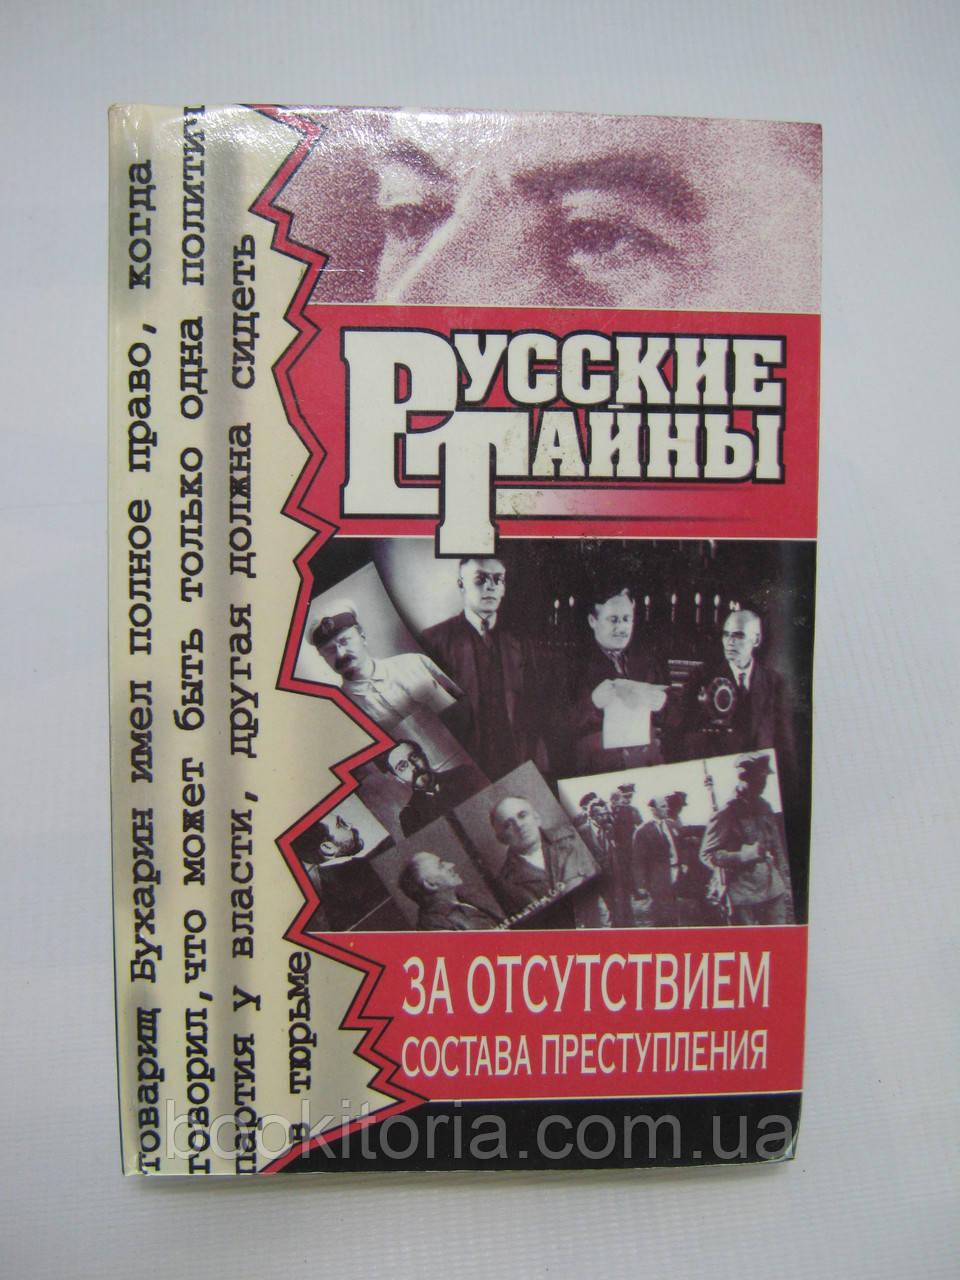 Бобренев В. За отсутствием состава преступления (б/у).